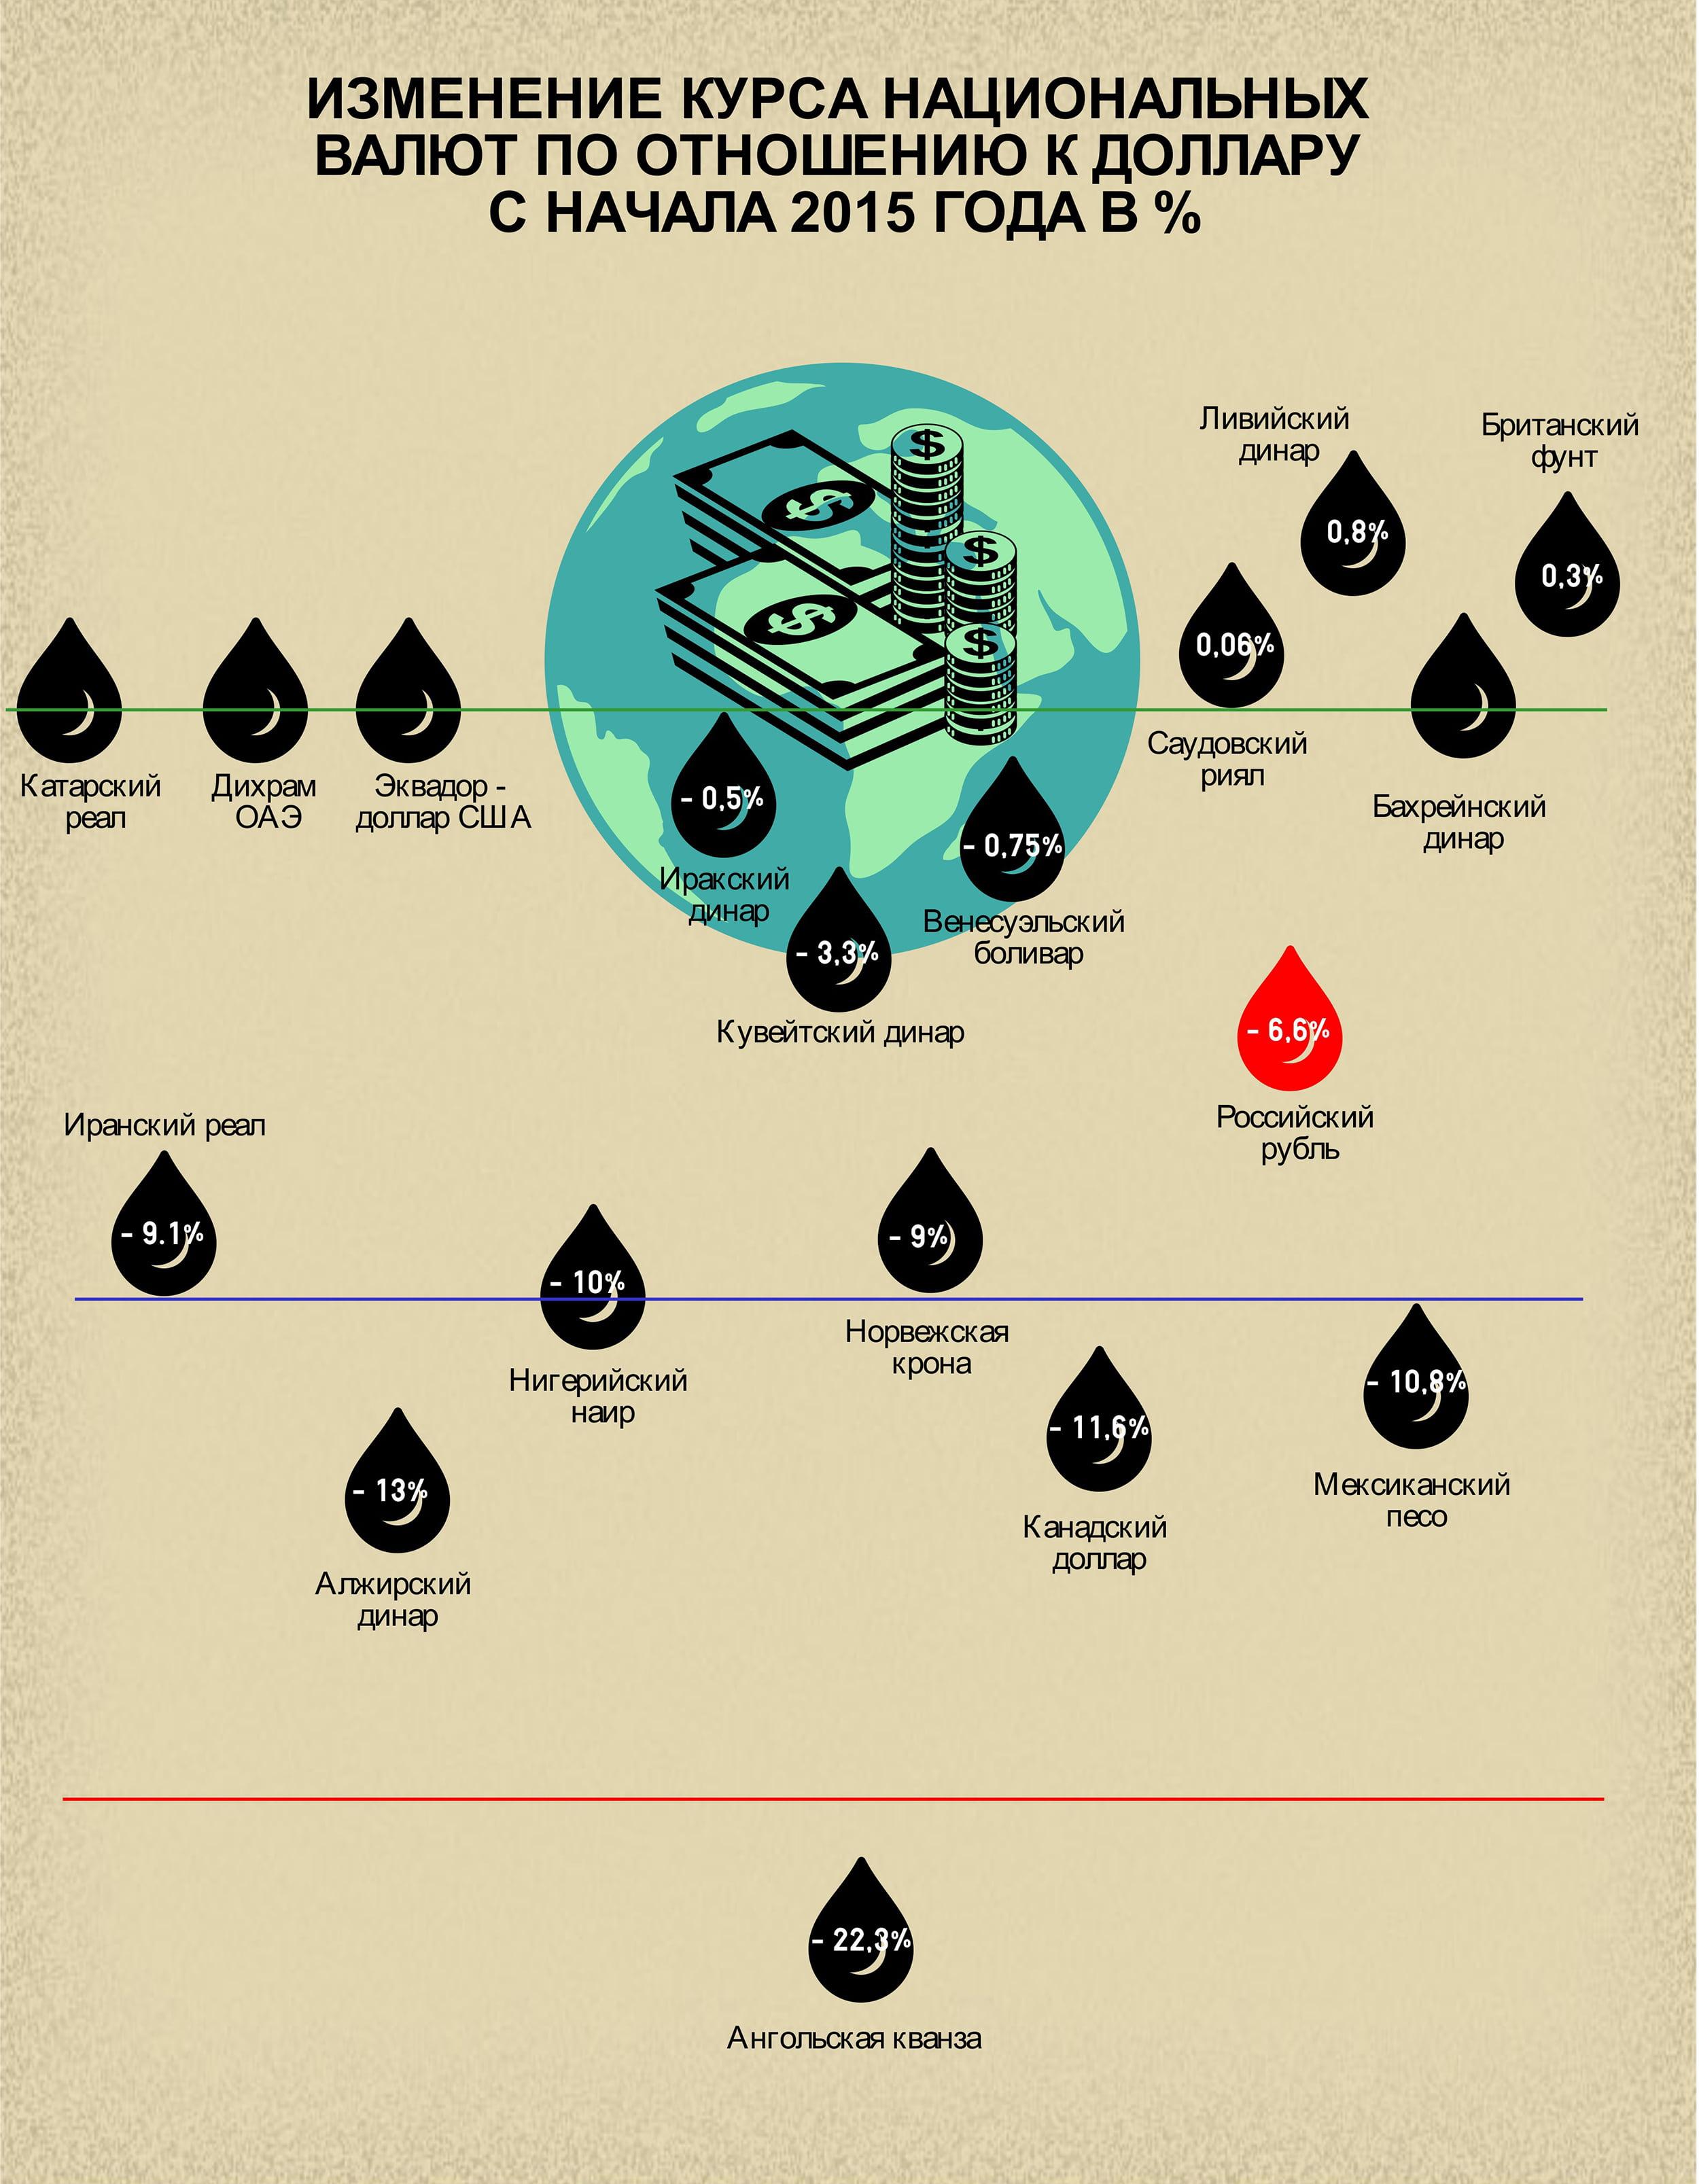 Политические разборки лидеров нефтяного рынка